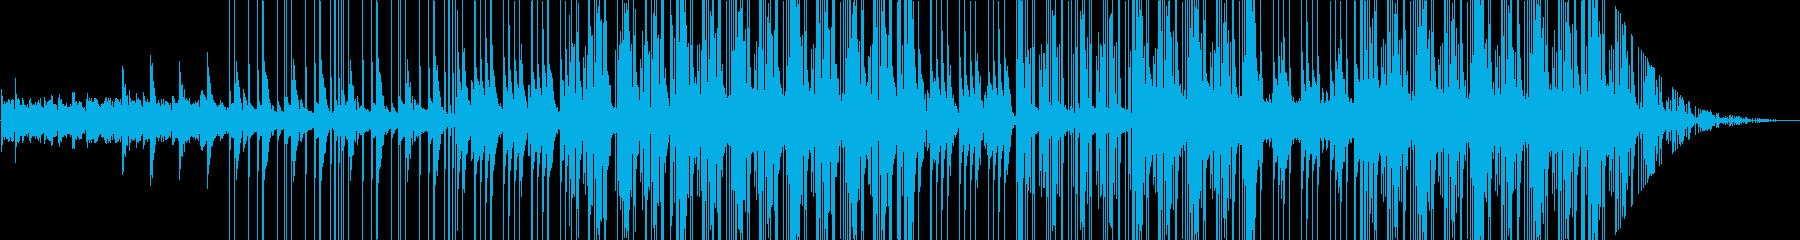 切ないTrap Soul Beatsの再生済みの波形